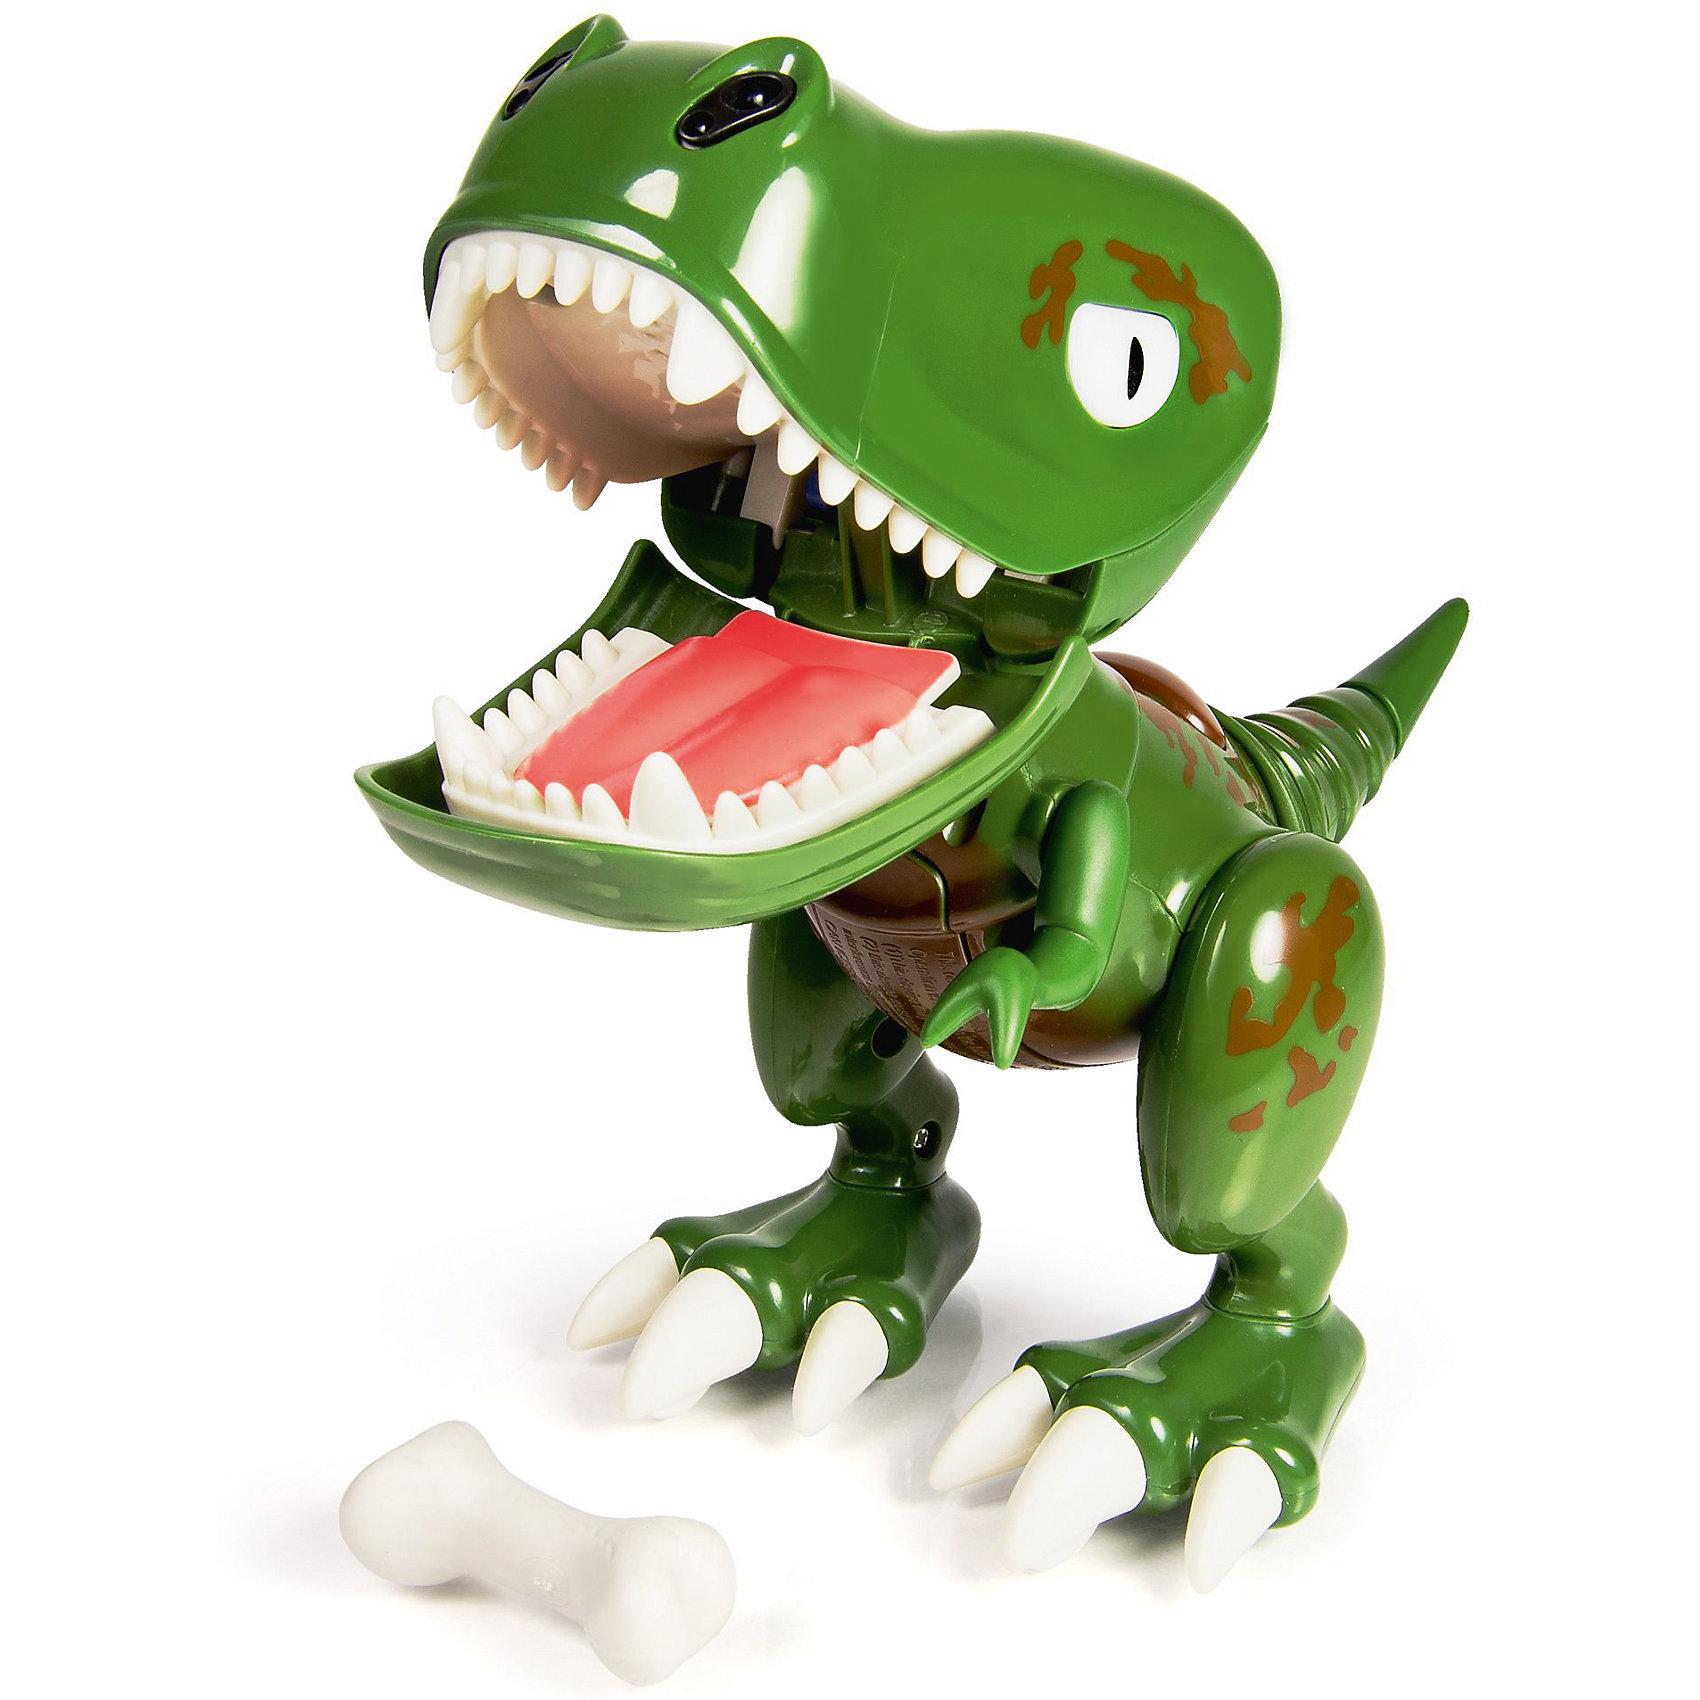 Интерактивный детёныш динозавра Z-Rex, Dino Zoomer, Spin MasterДинозавры и драконы<br>Настоящий детеныш динозавра у вас дома! Дети придут в восторг от такой замечательной игрушки! Глаза динозавра меняют цвет в зависимости от настроения и режима игры. Малыш выглядит и ведет себя как настоящий динозавр, он чавкает, рычит, сопит, смеётся.  Потяни его за хвост, и он разозлится. Поиграй с Дино - в комплекте  идёт специальный аксессуар. Бросай его в рот Дино. Если попадешь, он закроет рот, если промахнешься, Дино будет над тобой смеяться. Не дай ему откусить твой палец – игра на скорость реакции: успей вынуть палец изо рта Дино, пока он тебя не укусил. Дино еще маленький и не научился ходить: передвигай его рукой сам. Но зато малыш - динозавр уже умеет защищать себя и своего хозяина: он будет рычать, если что-то будет приближаться близко к нему.  <br><br>Дополнительная информация:<br><br>- Материал: пластик. <br>- Элемент питания: 3 ААА батарейки (не входят в комплект)<br>- Световые и звуковые эффекты.<br>- Встроенный ИК датчик.<br>- Цвет глаз изменяется.<br>- Косточка в комплекте.<br><br>Интерактивного детёныша динозавра Dino Zoomer, Spin Master (Спин Мастер), можно купить в нашем магазине.<br><br>Ширина мм: 139<br>Глубина мм: 182<br>Высота мм: 261<br>Вес г: 489<br>Возраст от месяцев: 36<br>Возраст до месяцев: 108<br>Пол: Унисекс<br>Возраст: Детский<br>SKU: 4241258